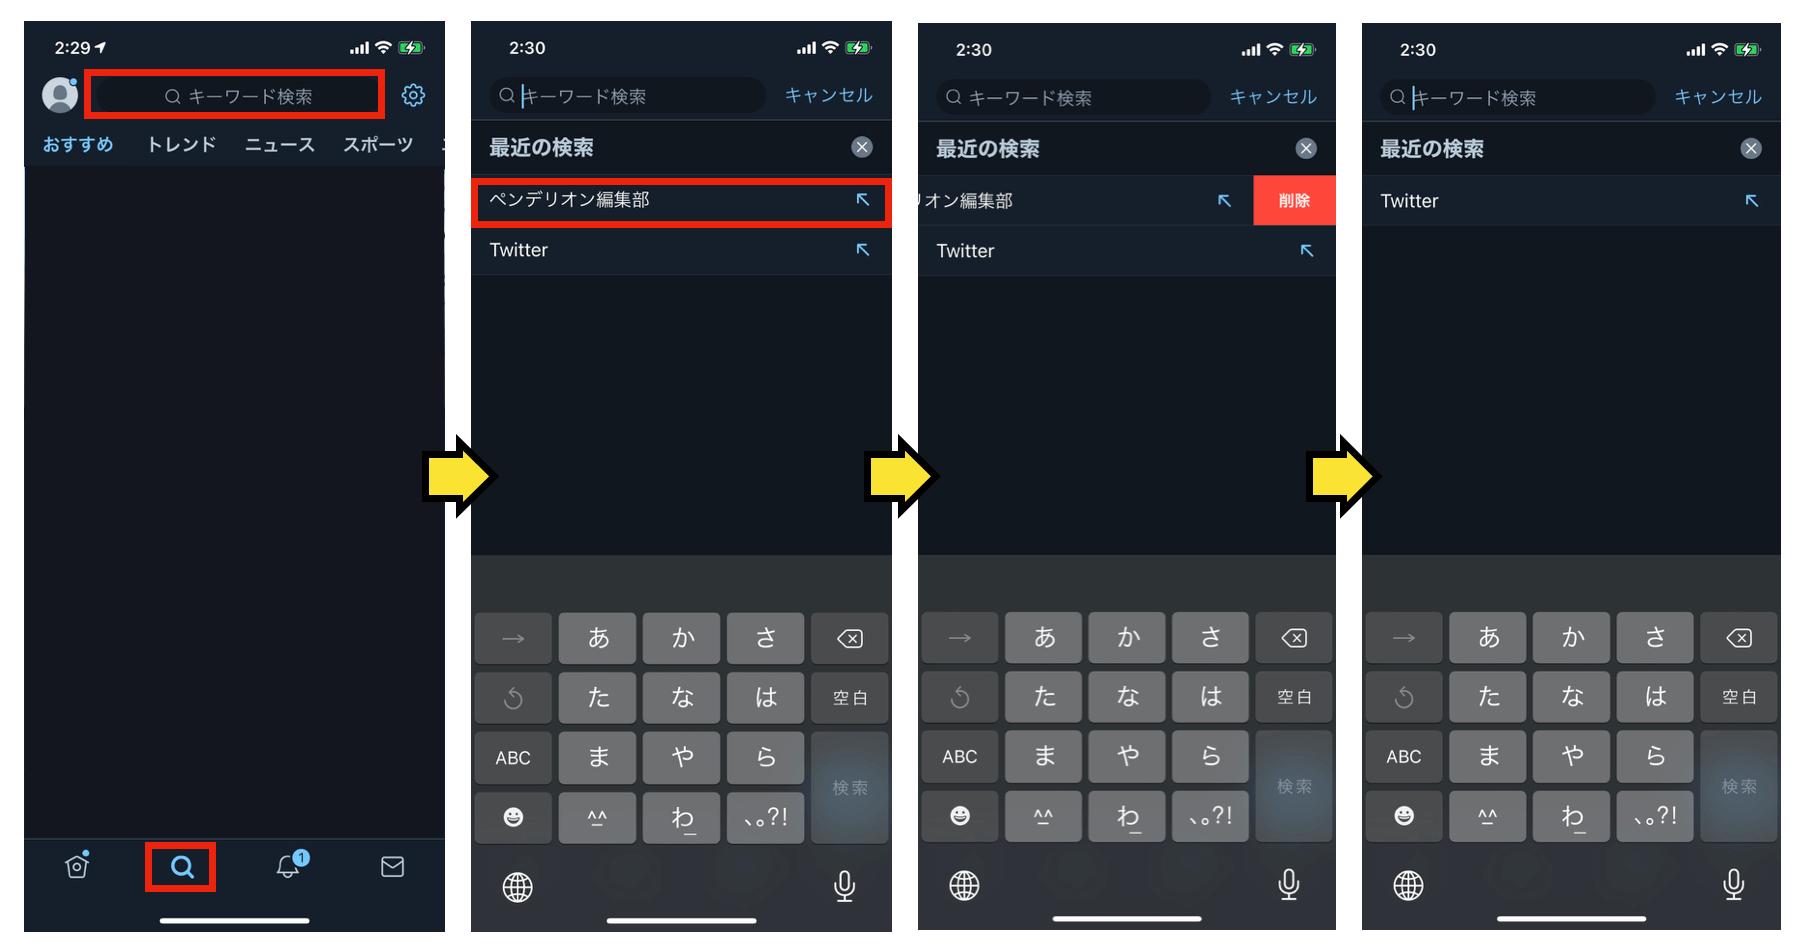 iphoneでTwitterの検索履歴を削除する方法